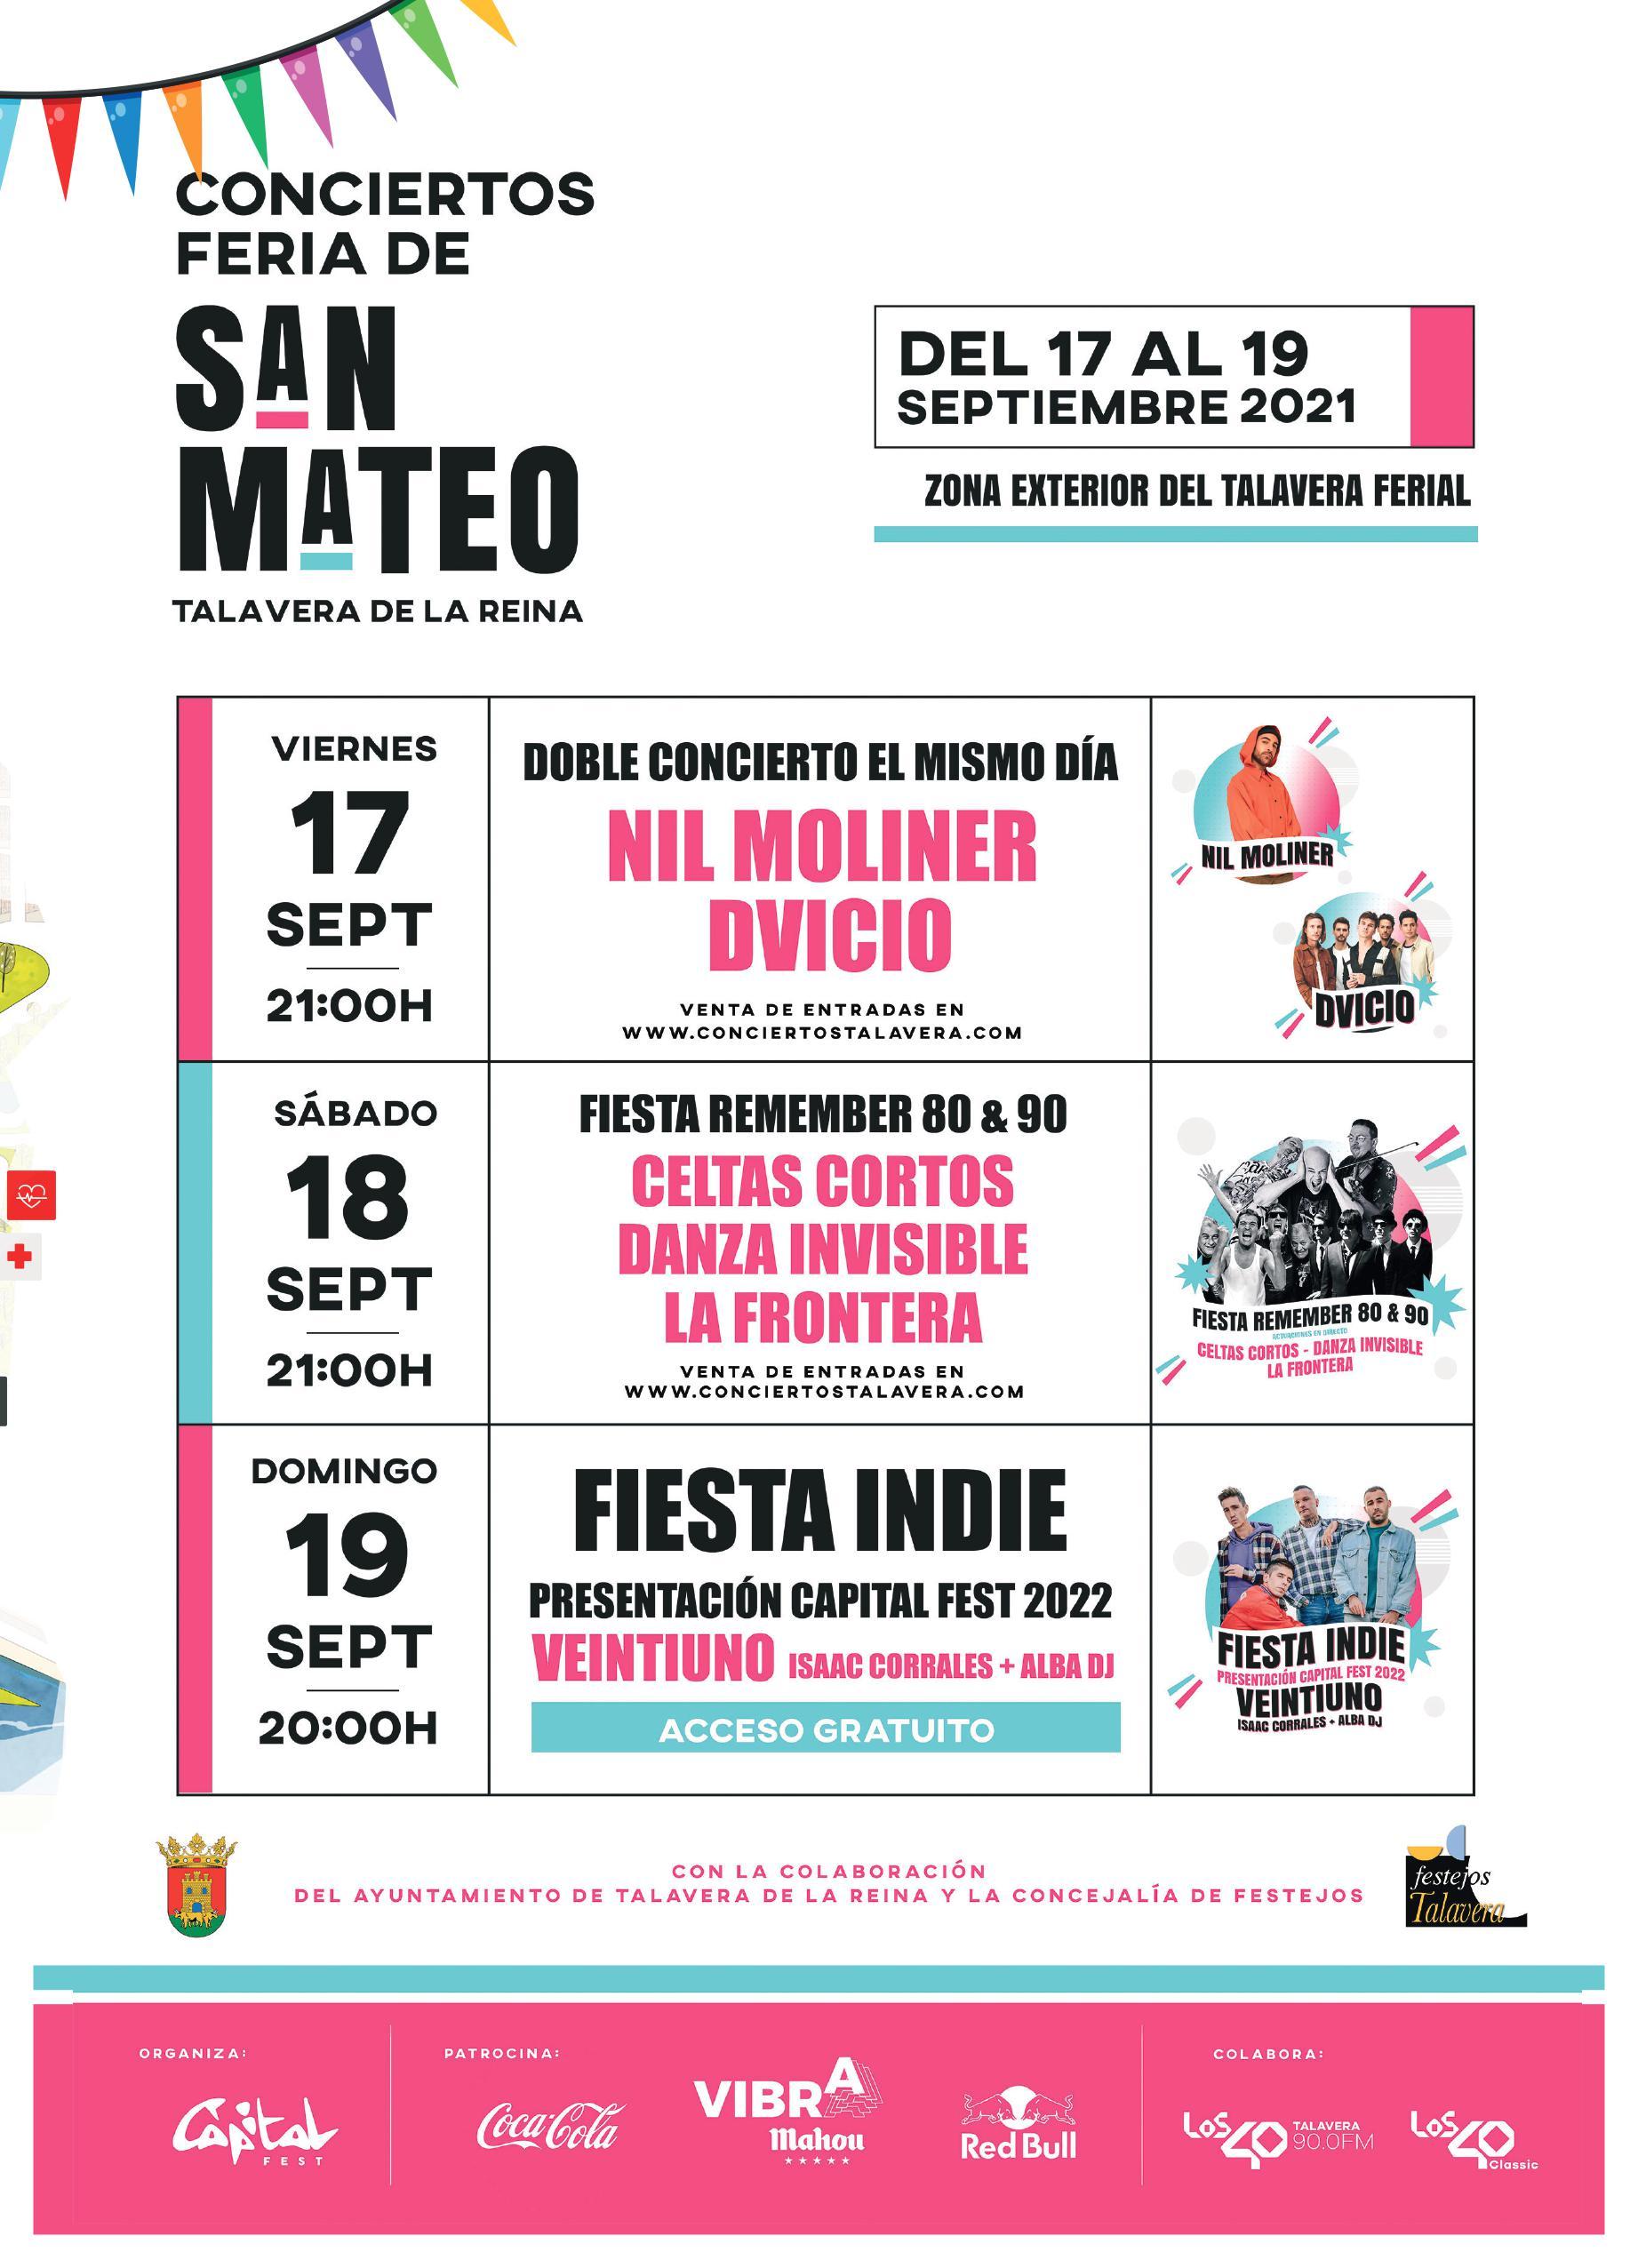 Ferias de San Mateo en Talavera de la Reina